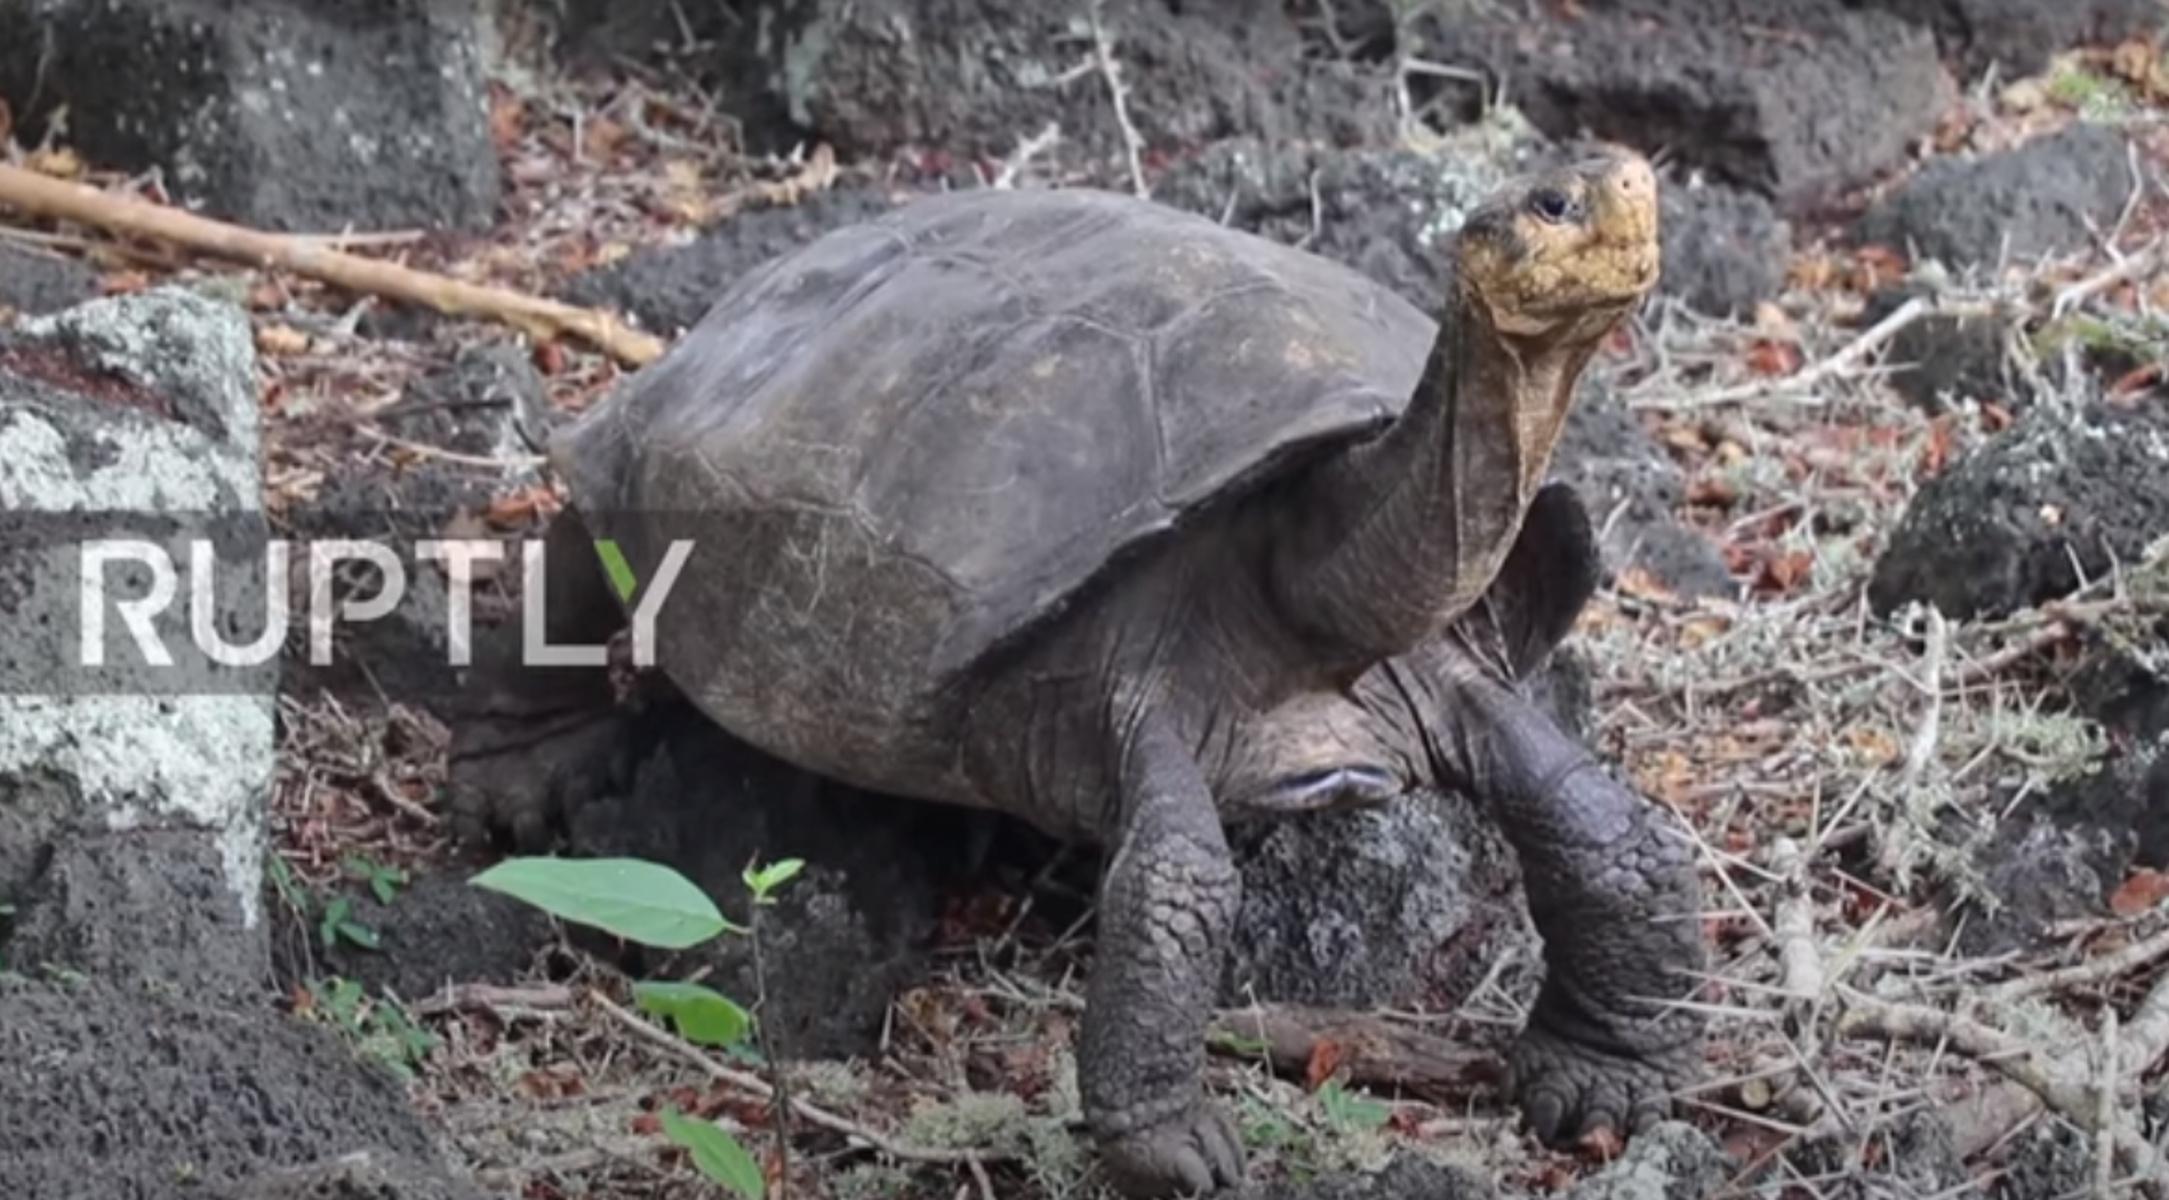 Ισημερινός: «Εξαφανισμένη» γιγαντιαία χελώνα επανεμφανίστηκε μετά από 100 χρόνια